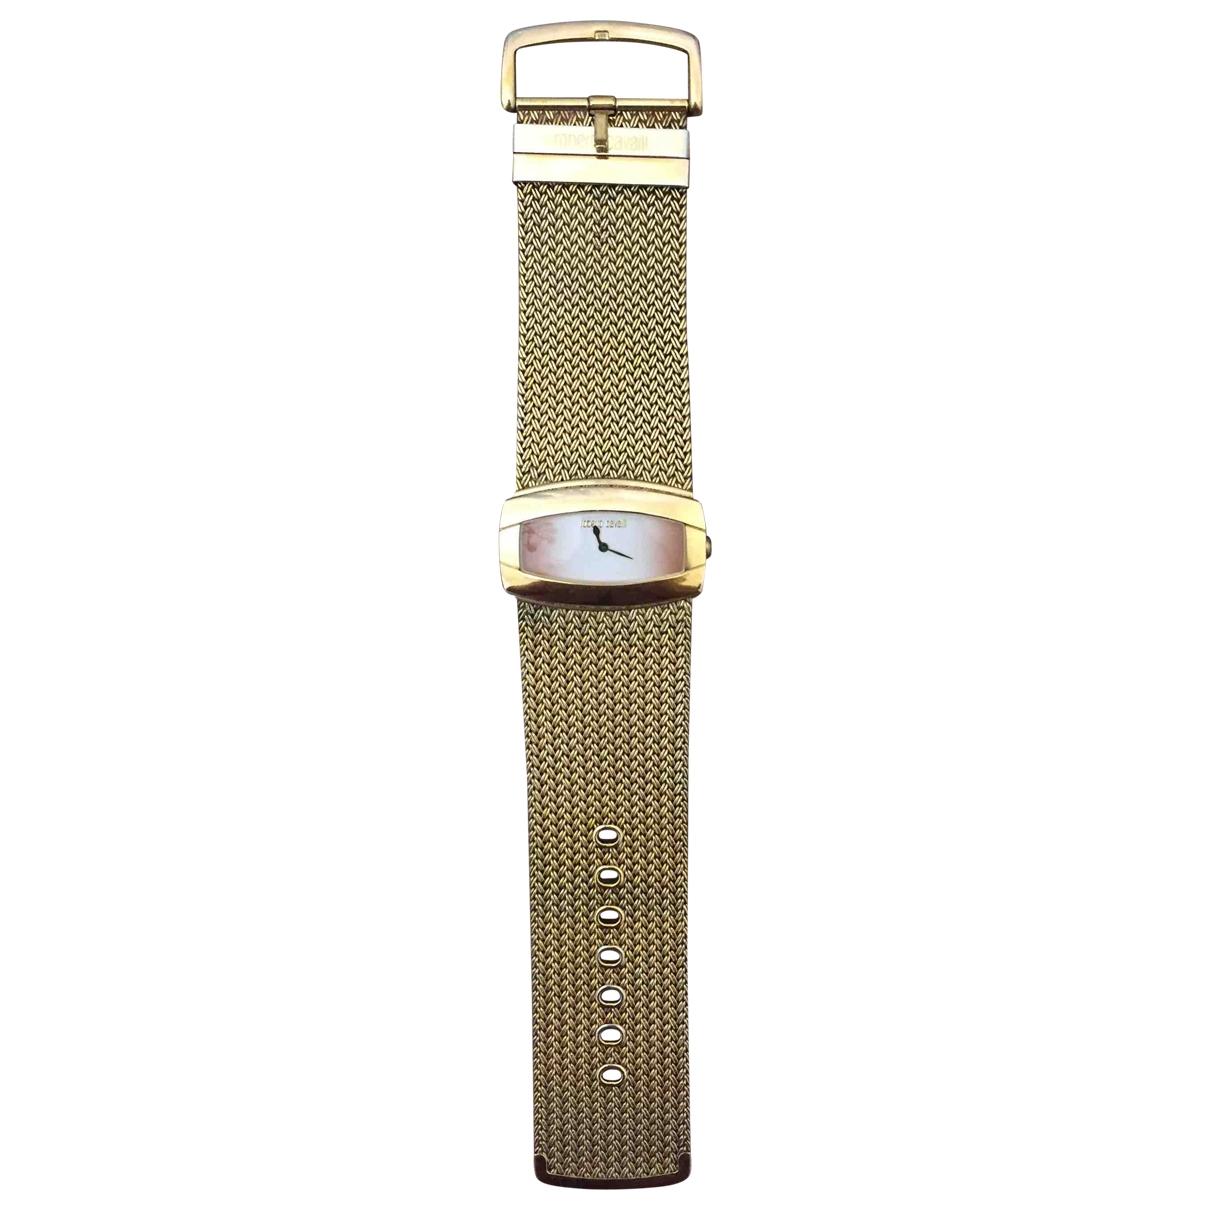 Roberto Cavalli \N Uhr in  Gold Stahl